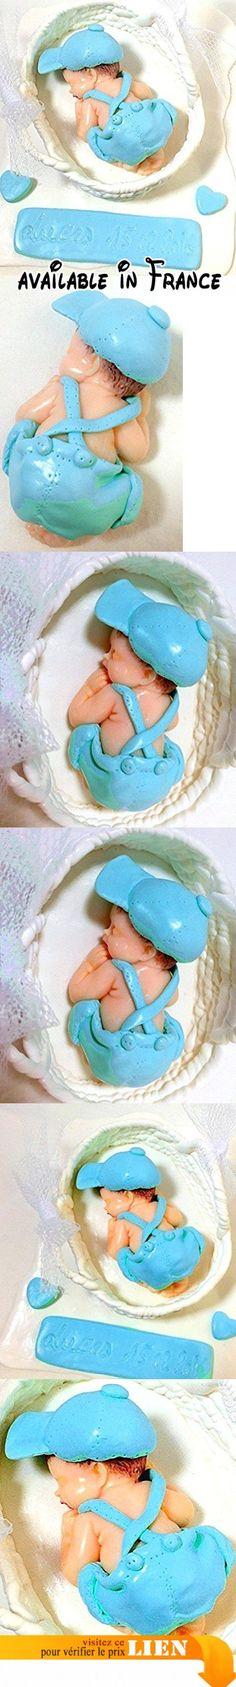 Handmade ; Figurine bébé vêtu de bleu dans panier blanc sur plaque en fimo, fait main, personnalisé et personnalisable, décoration baptême, baby shower, cadeau naissance, bébé garçon.  #Guild Product #GUILD_BABY